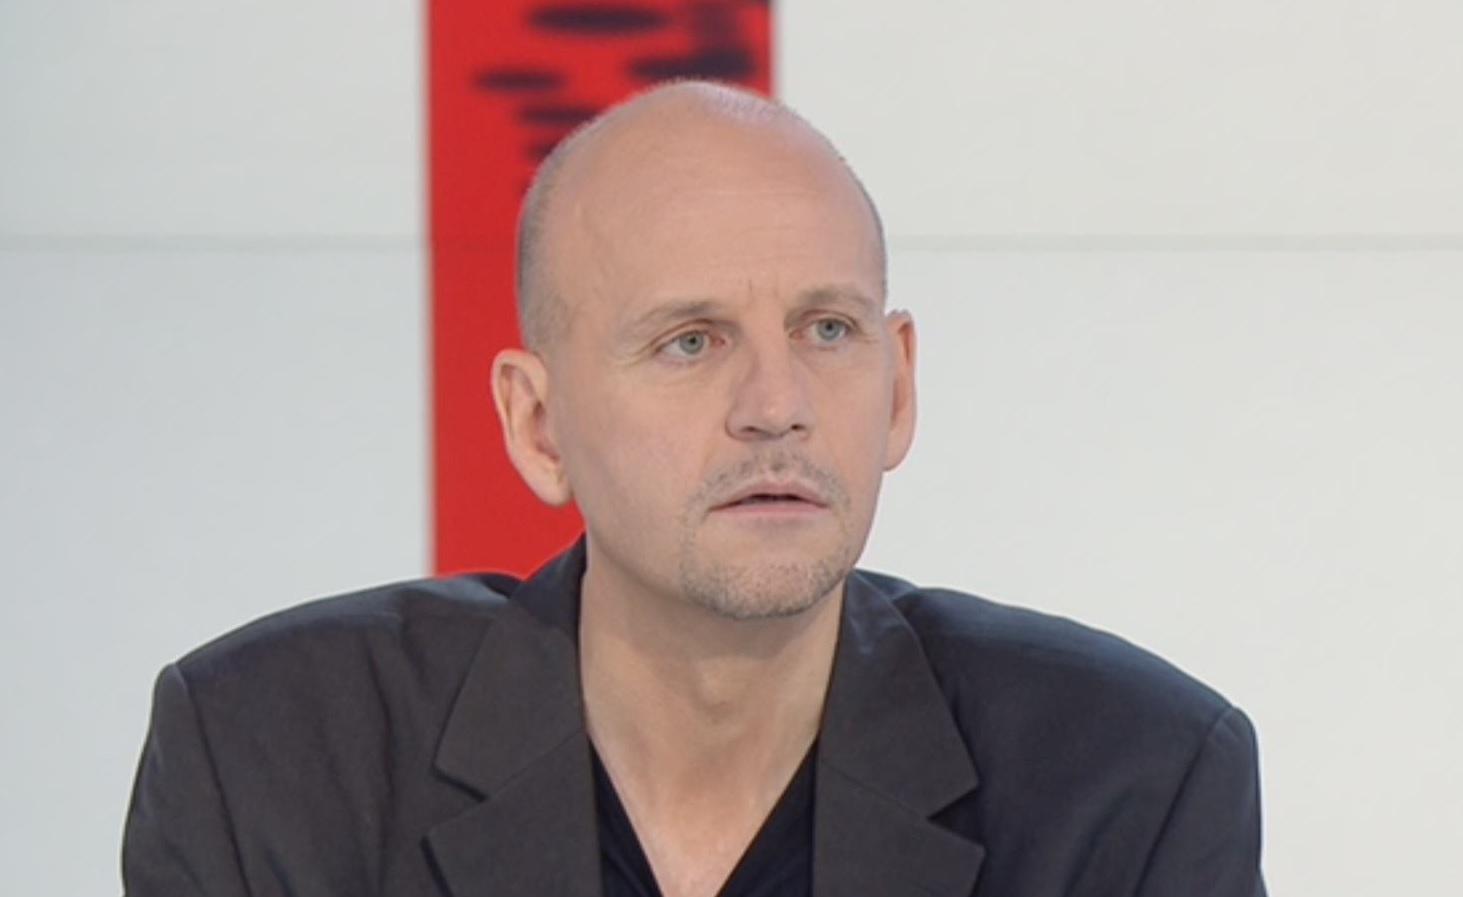 Stéphane Koch